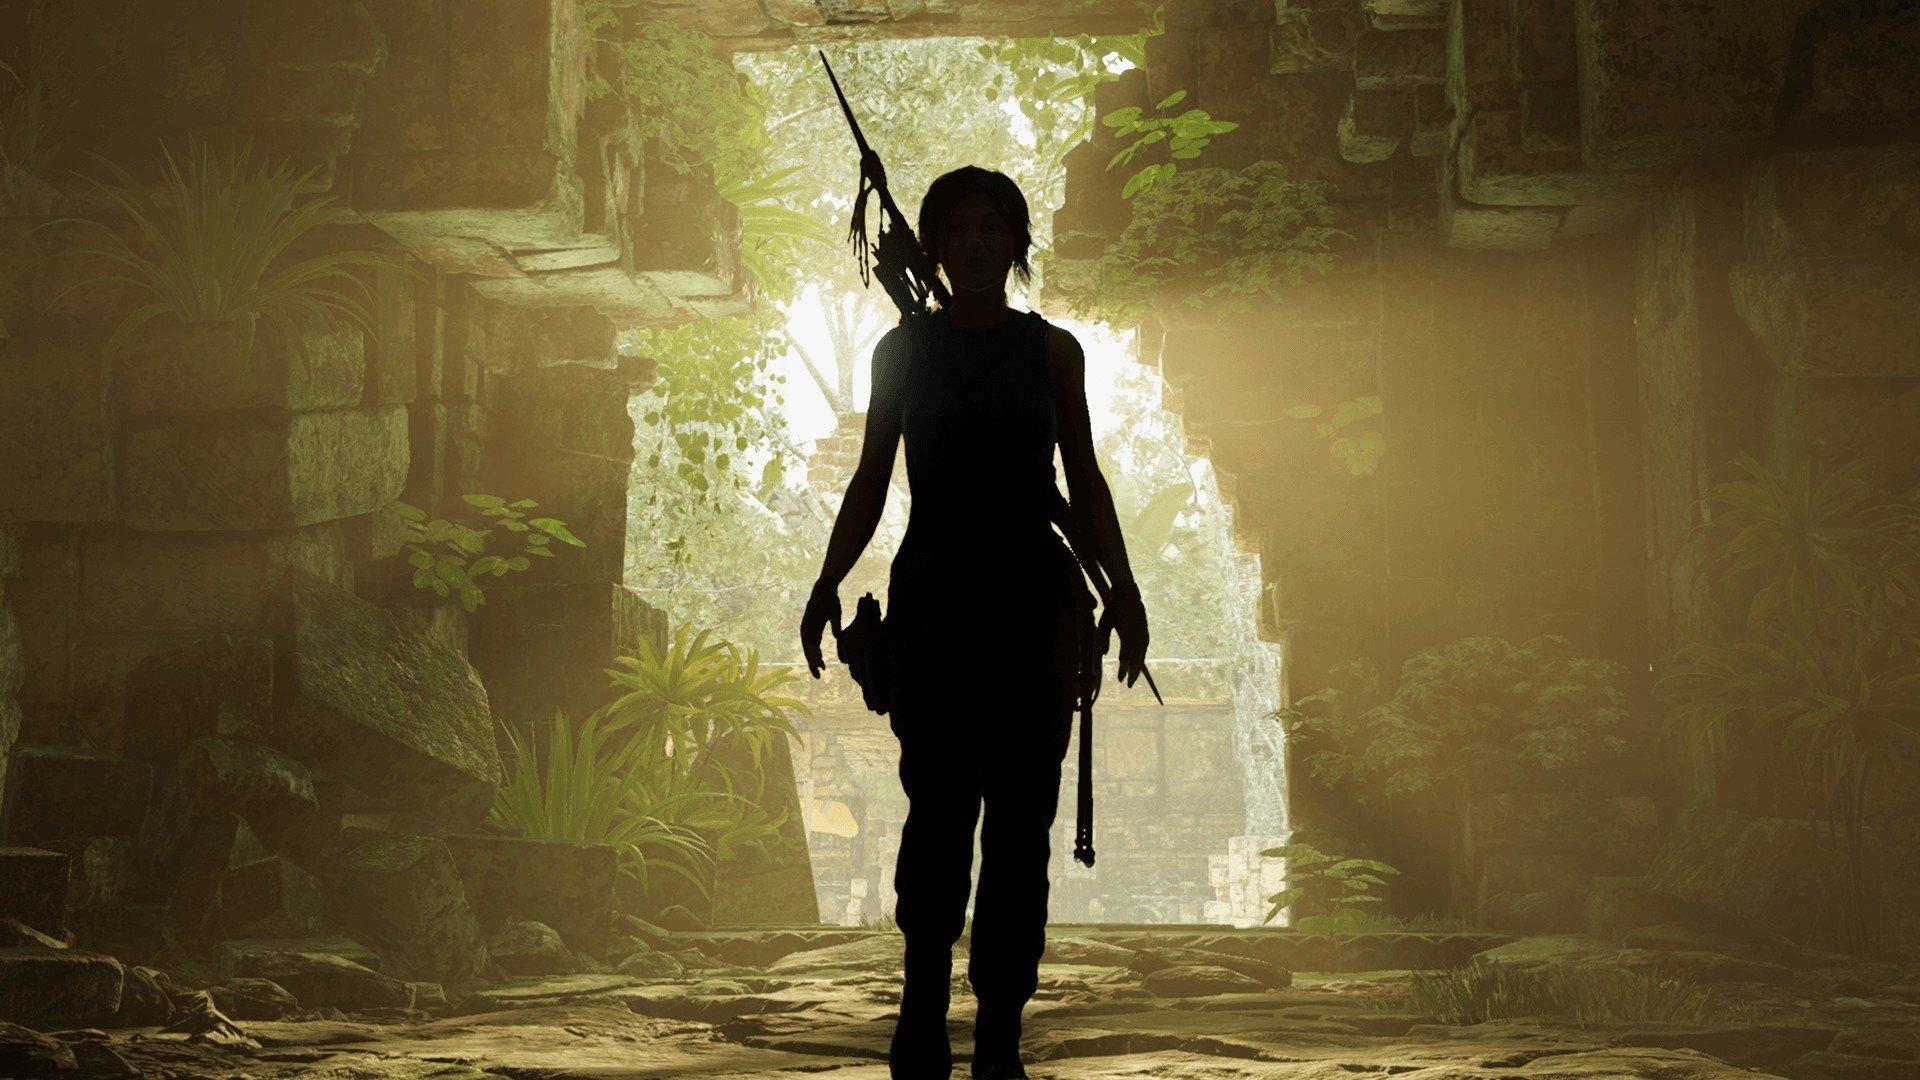 Les autres jeux Tomb Raider aussi adaptés au cinéma ?